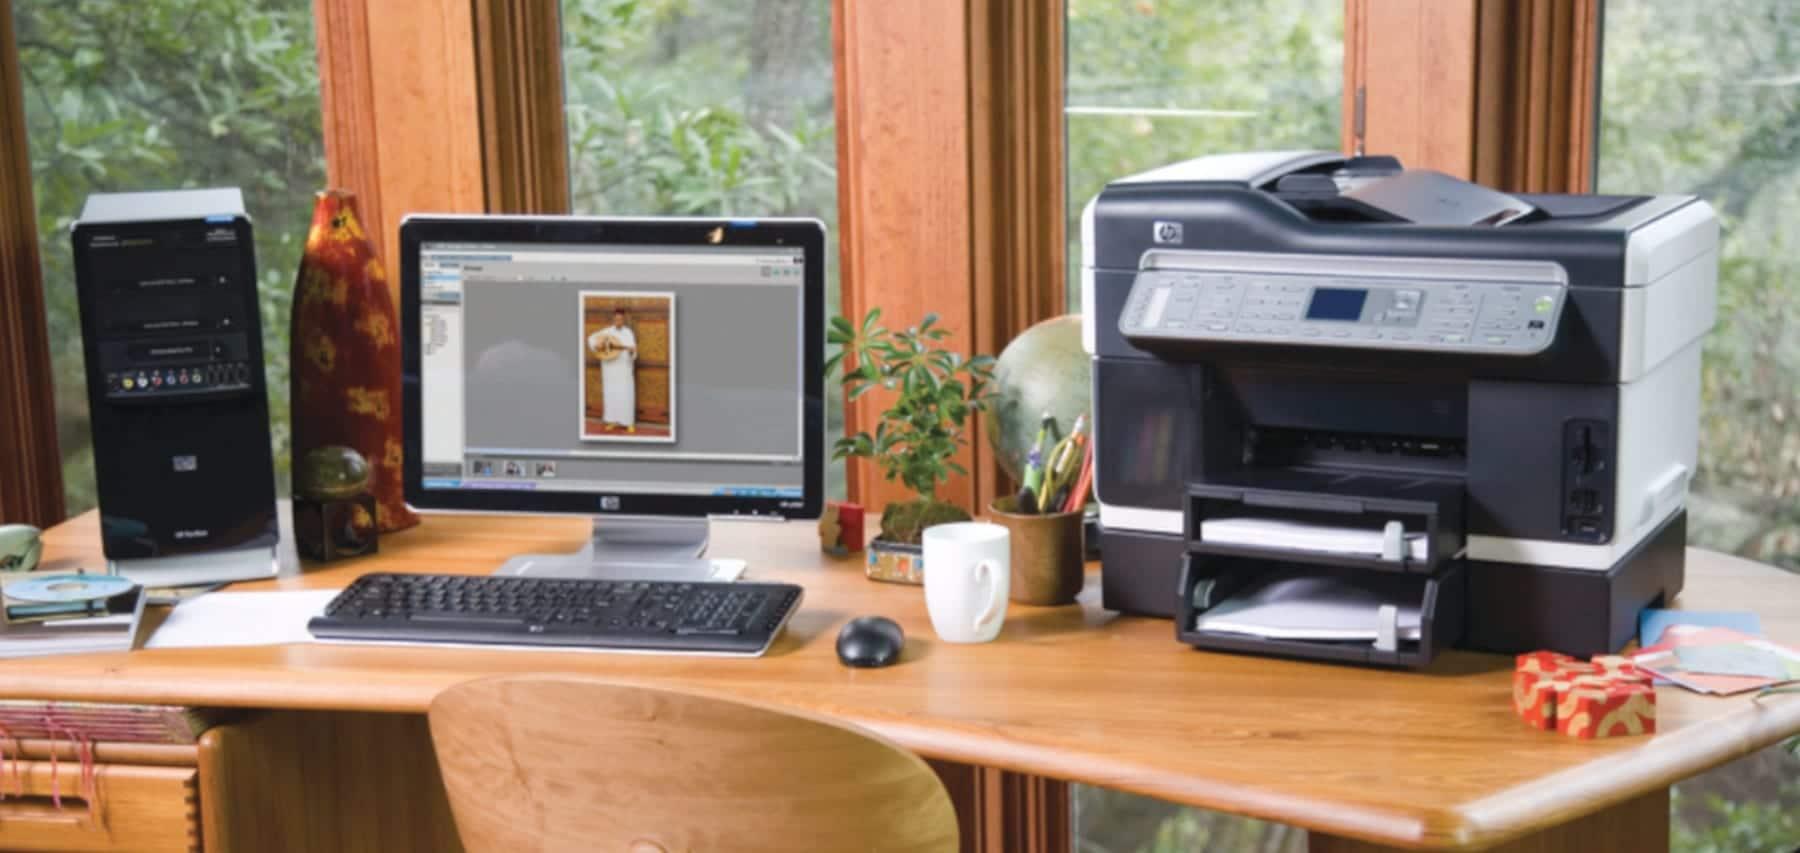 Viele Arbeitsplätze werden ins Homeoffice verlagert. tectonika bietet Drucker und Kopierer zum Mieten an.